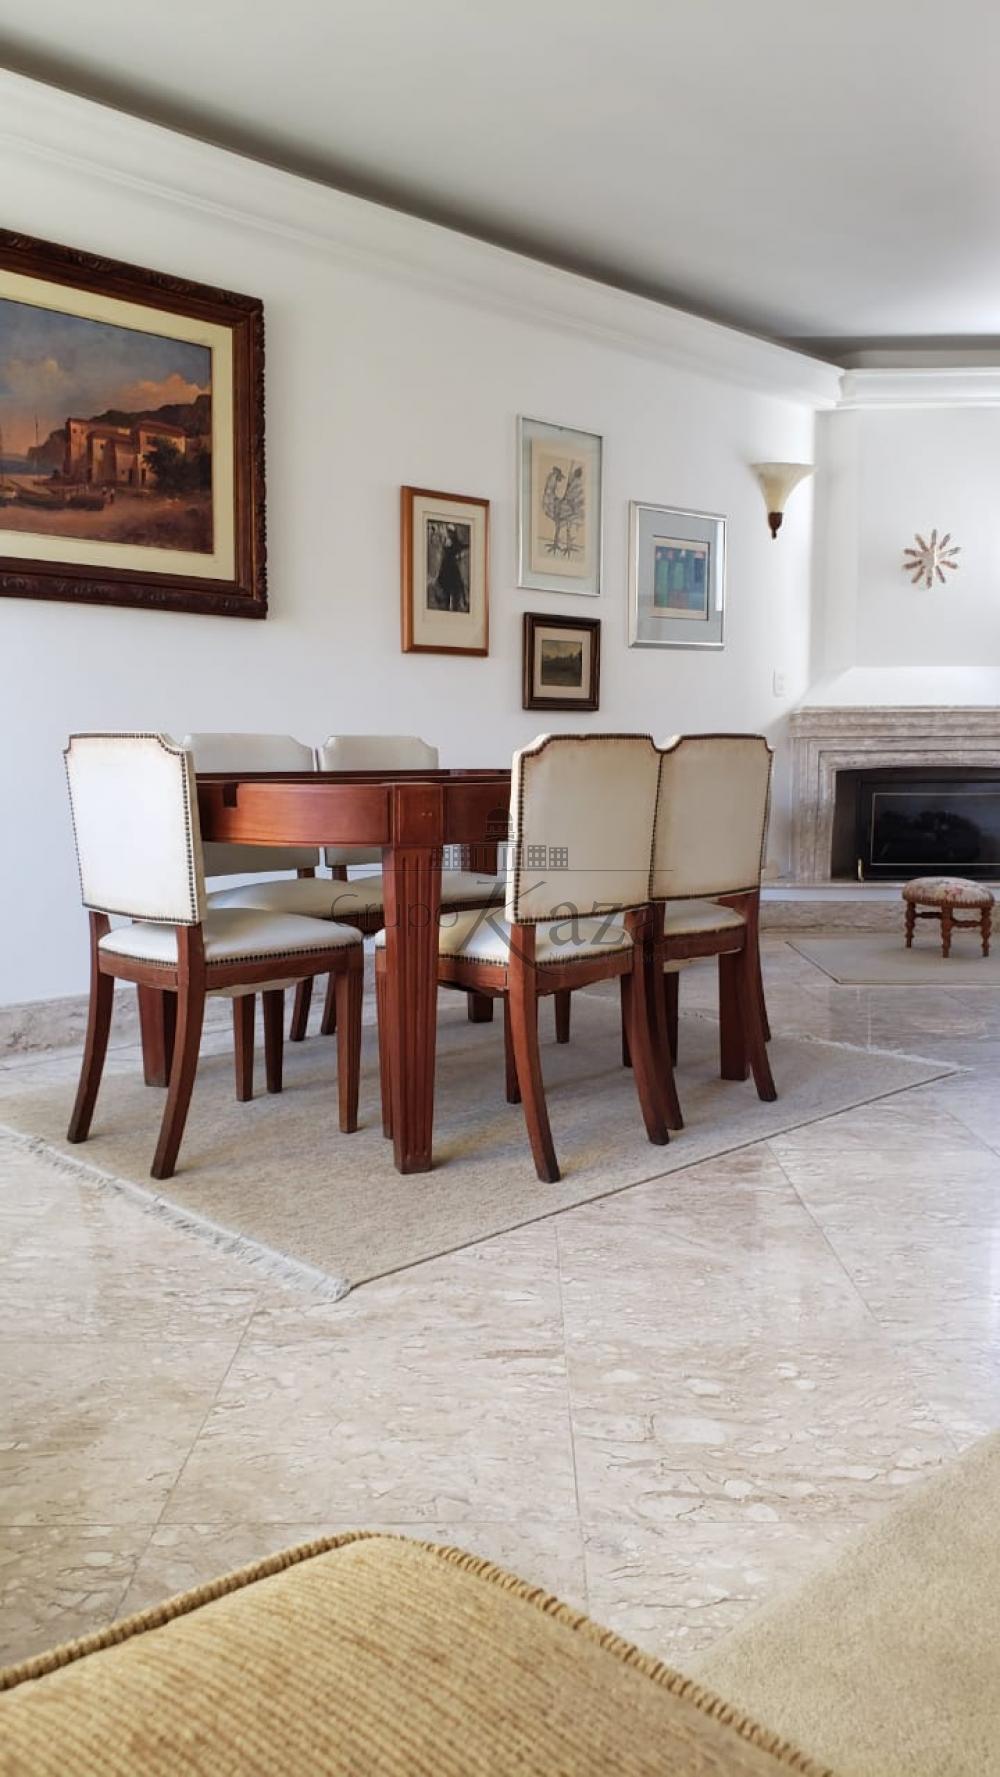 Alugar Apartamento / Padrão em São José dos Campos R$ 1.944,00 - Foto 2